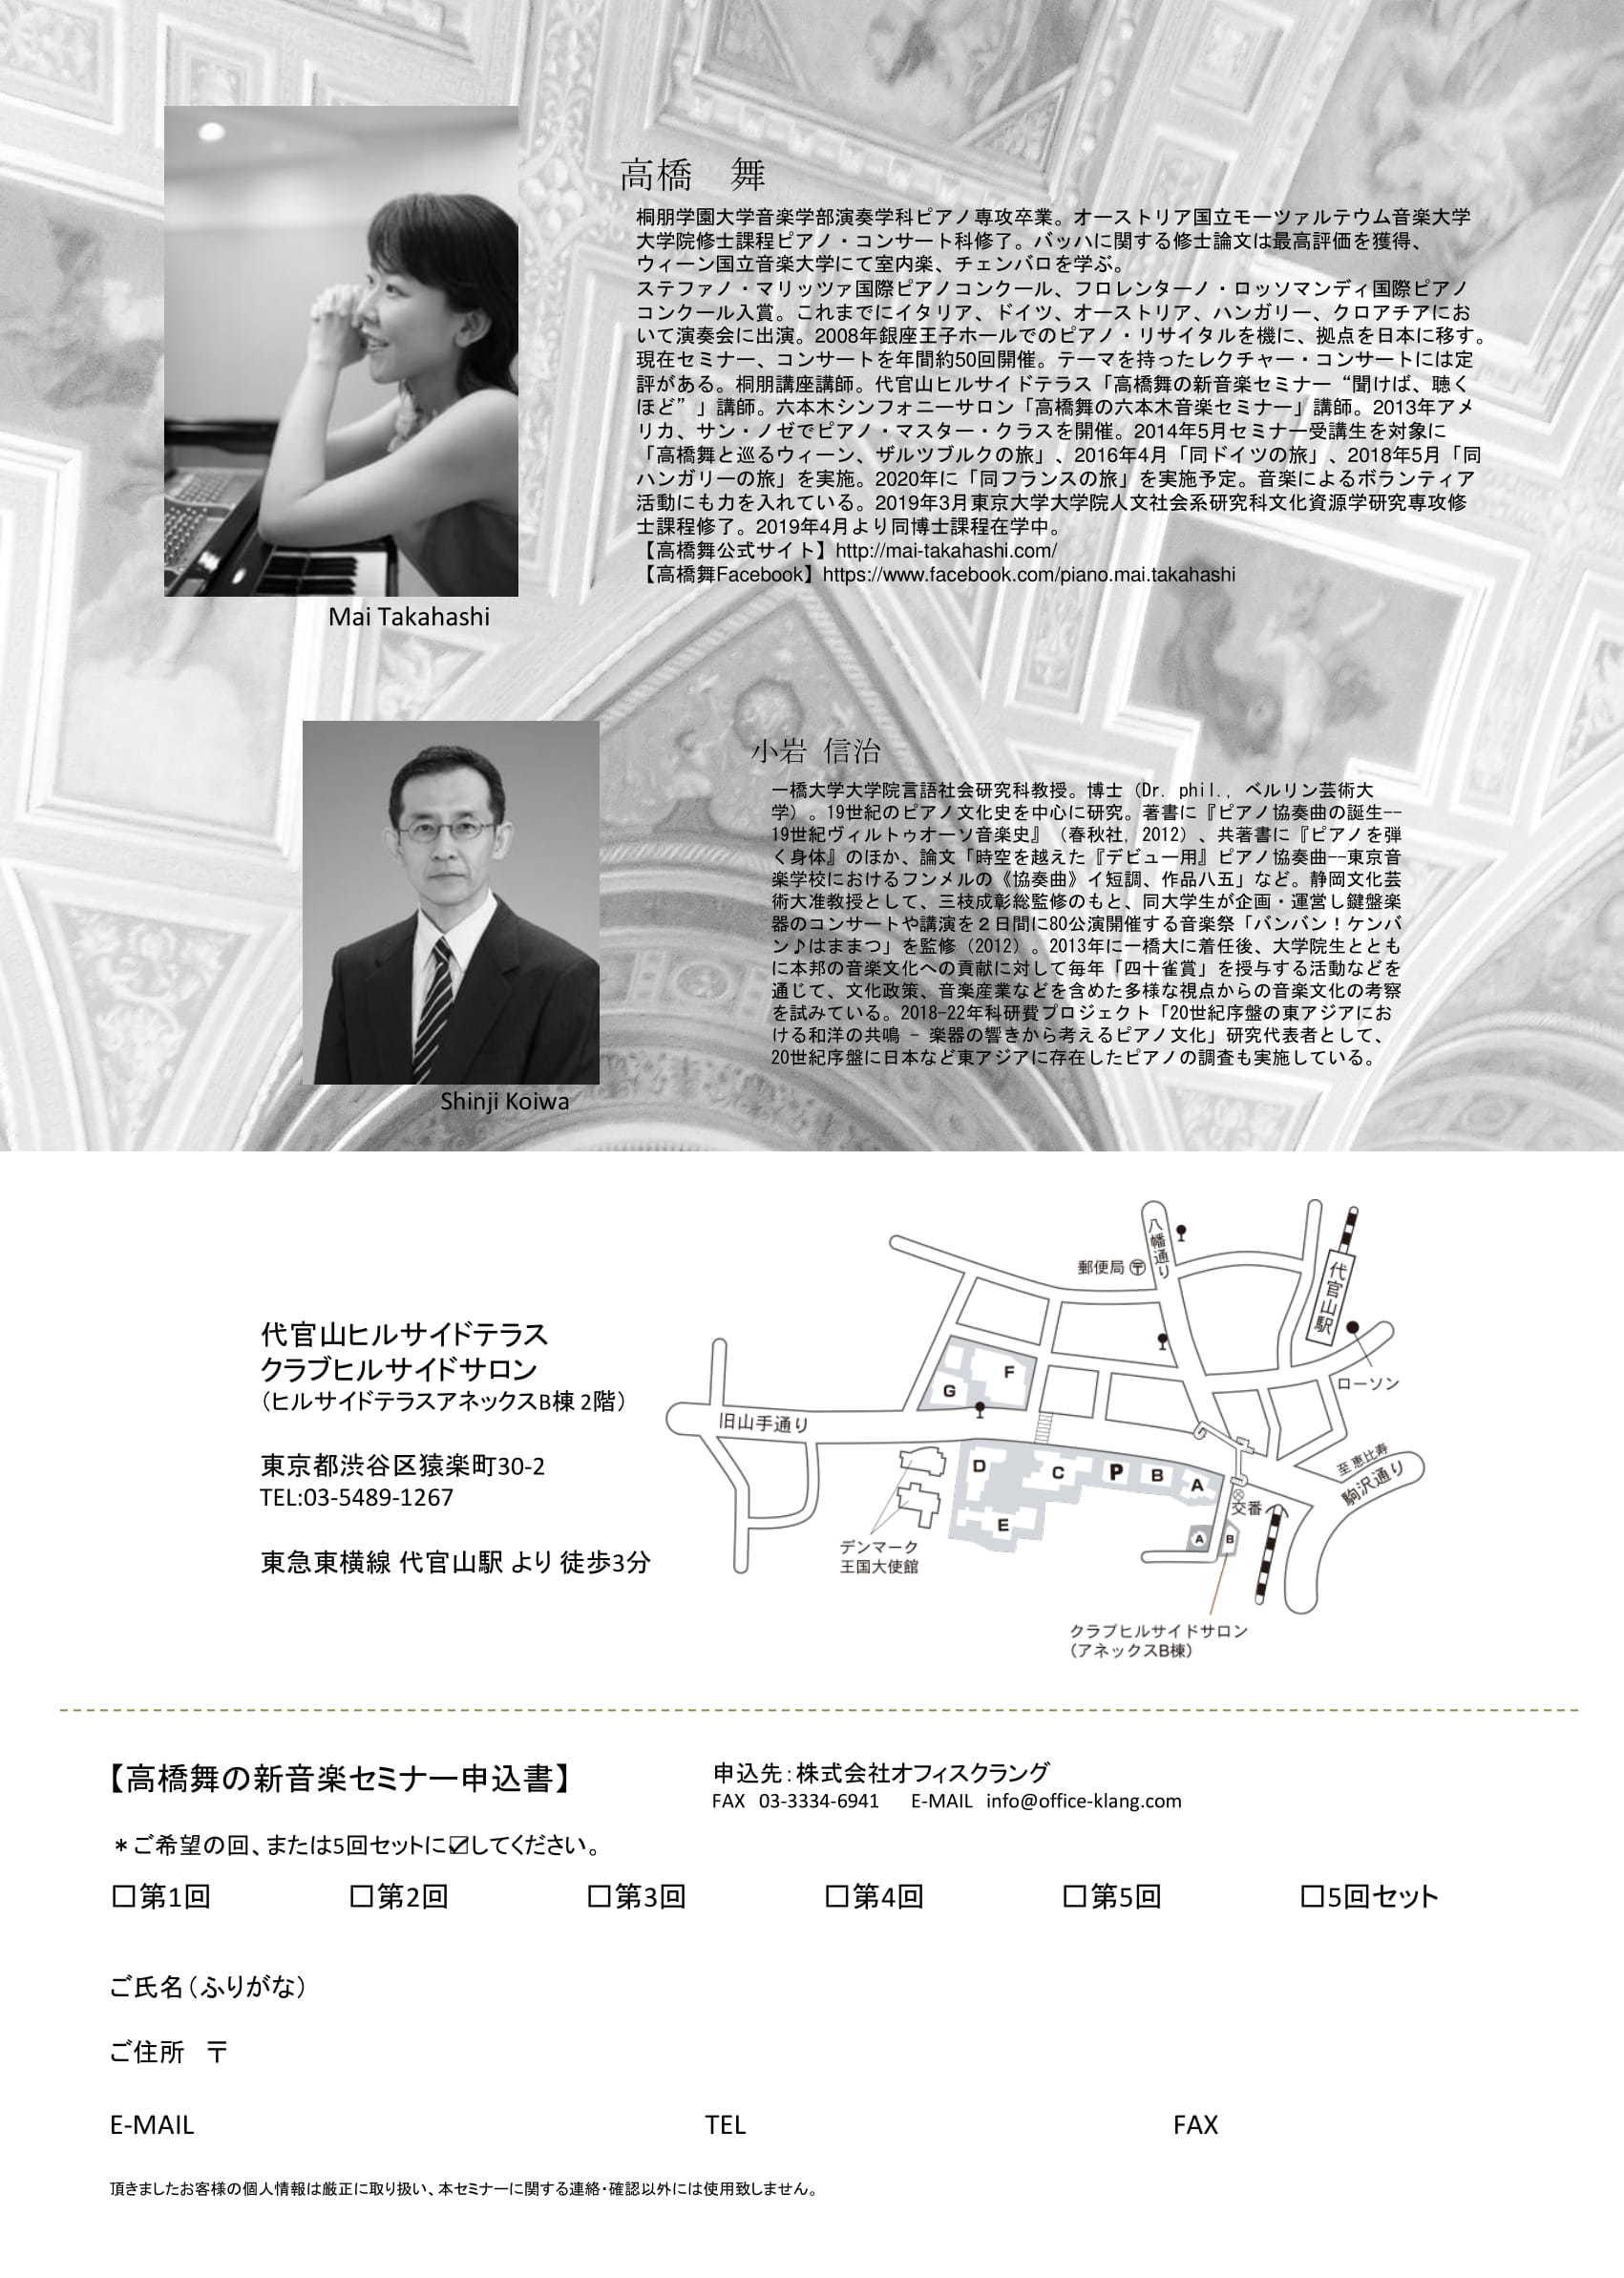 """高橋舞の新音楽セミナー\""""聞けば、聴くほど\""""Vol.7のご案内_f0178060_17552228.jpg"""